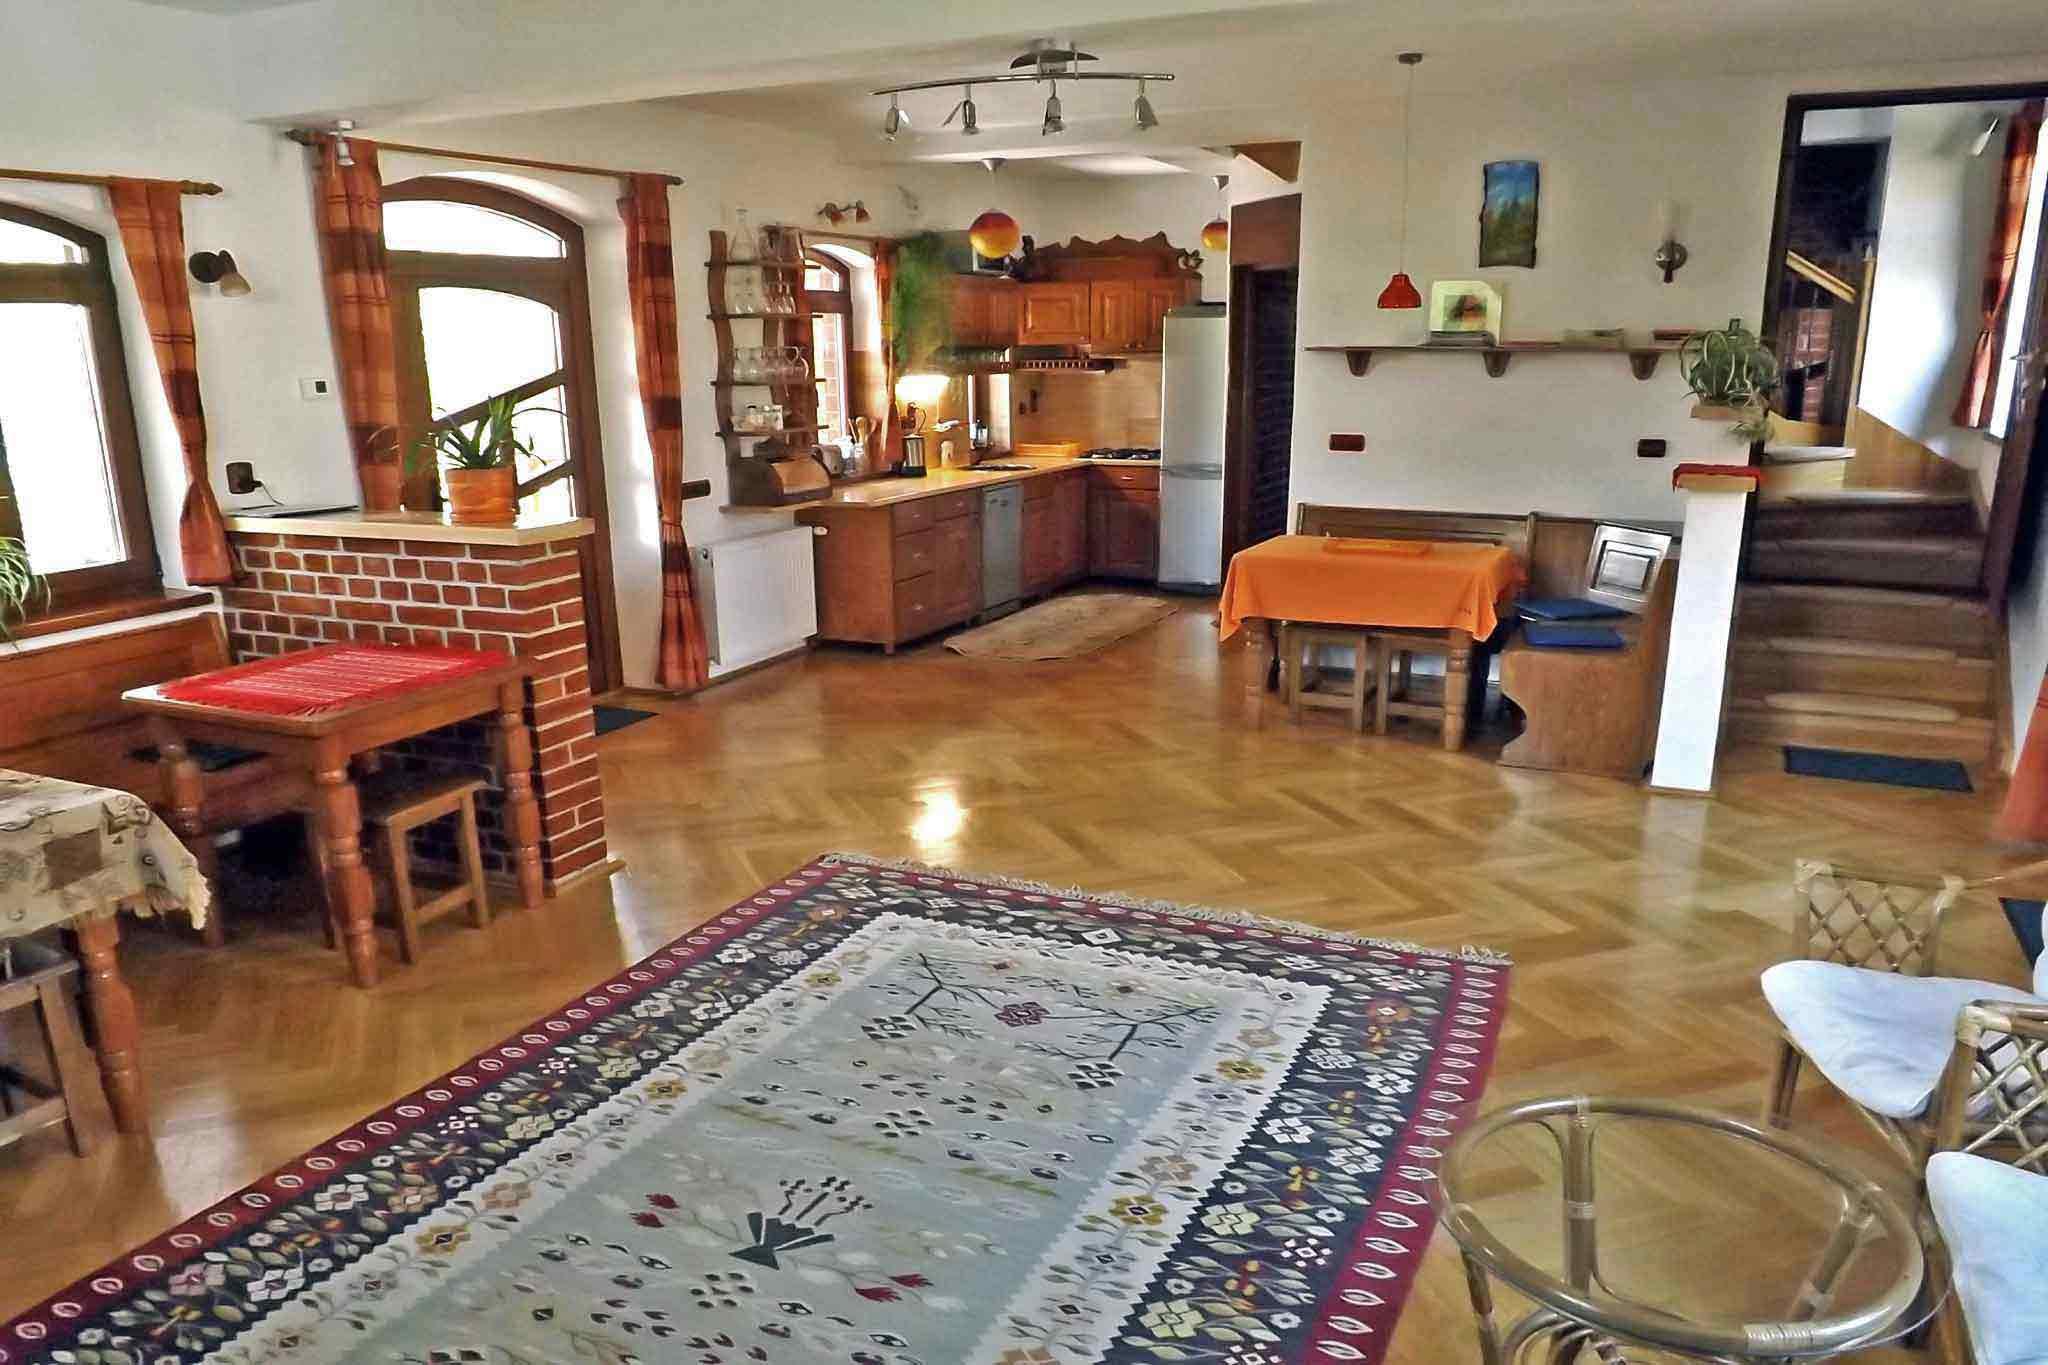 villa vacances sibiu dans les montagnes de carpates | location roumanie transylvanie